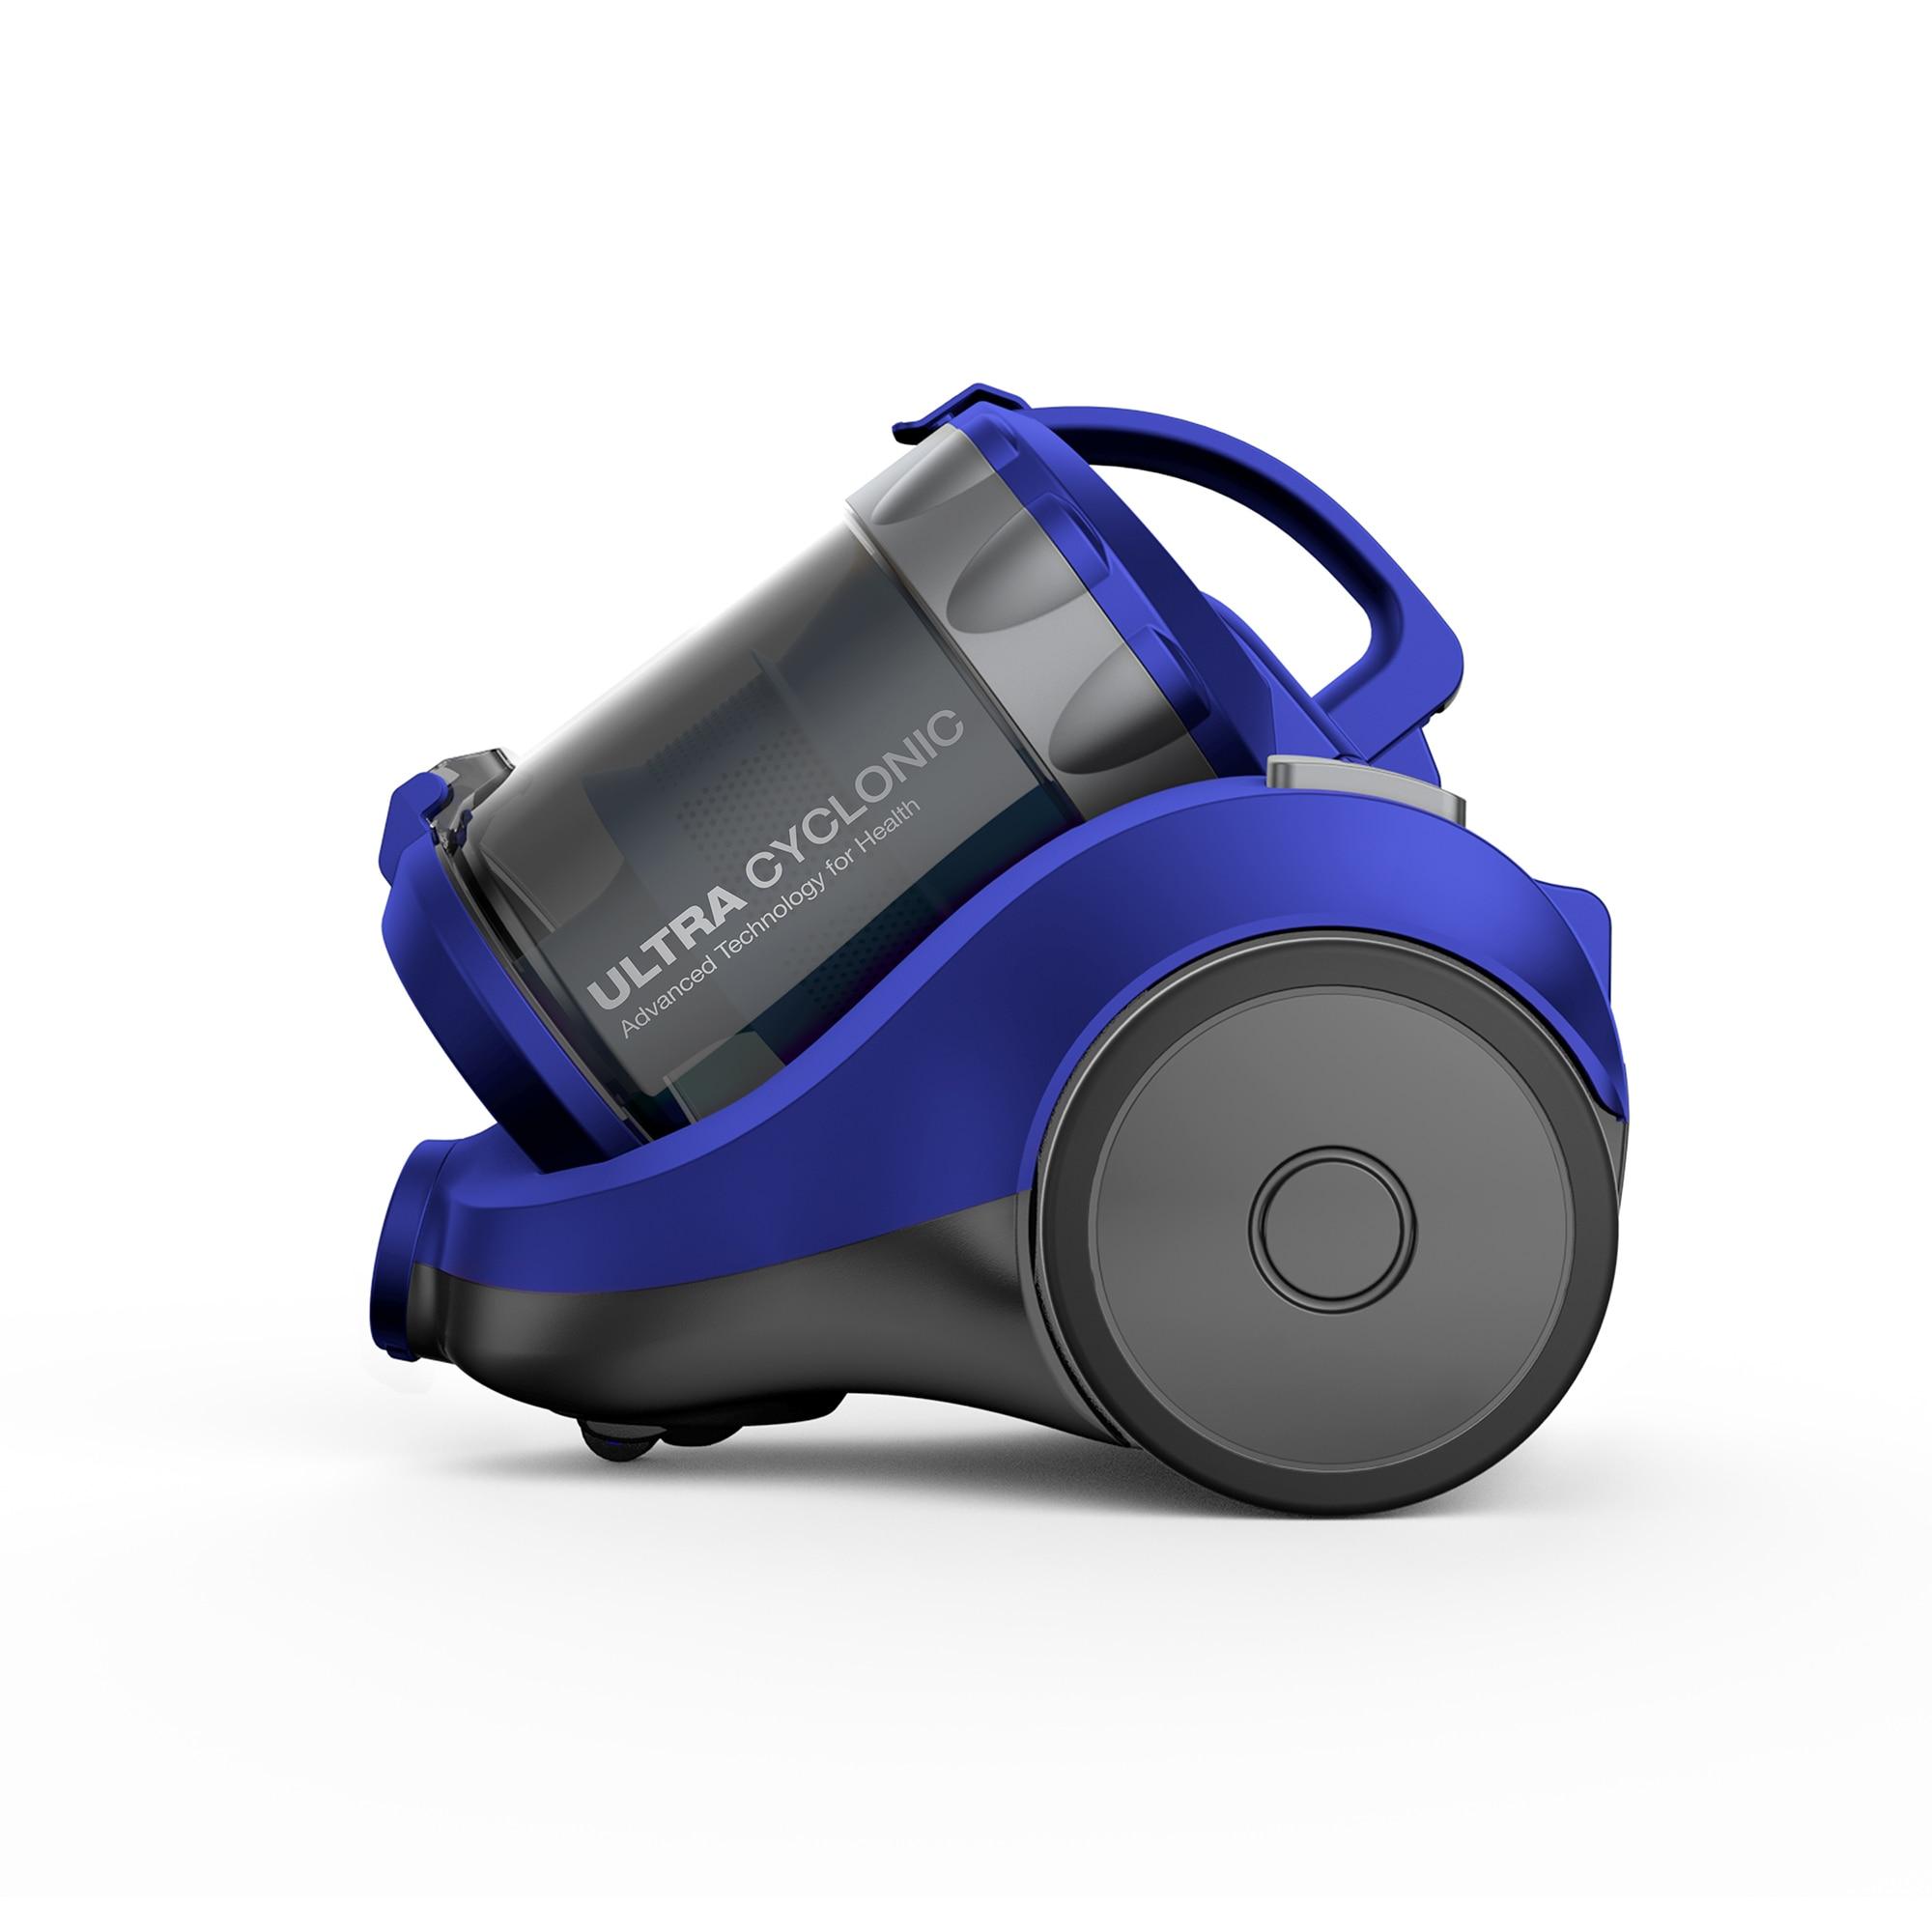 Daewoo RCC 120L porzsák nélküli porszívó, 1400W, 2 L, Teleszkópos cső, HEPA szűrő, Kék Szürke